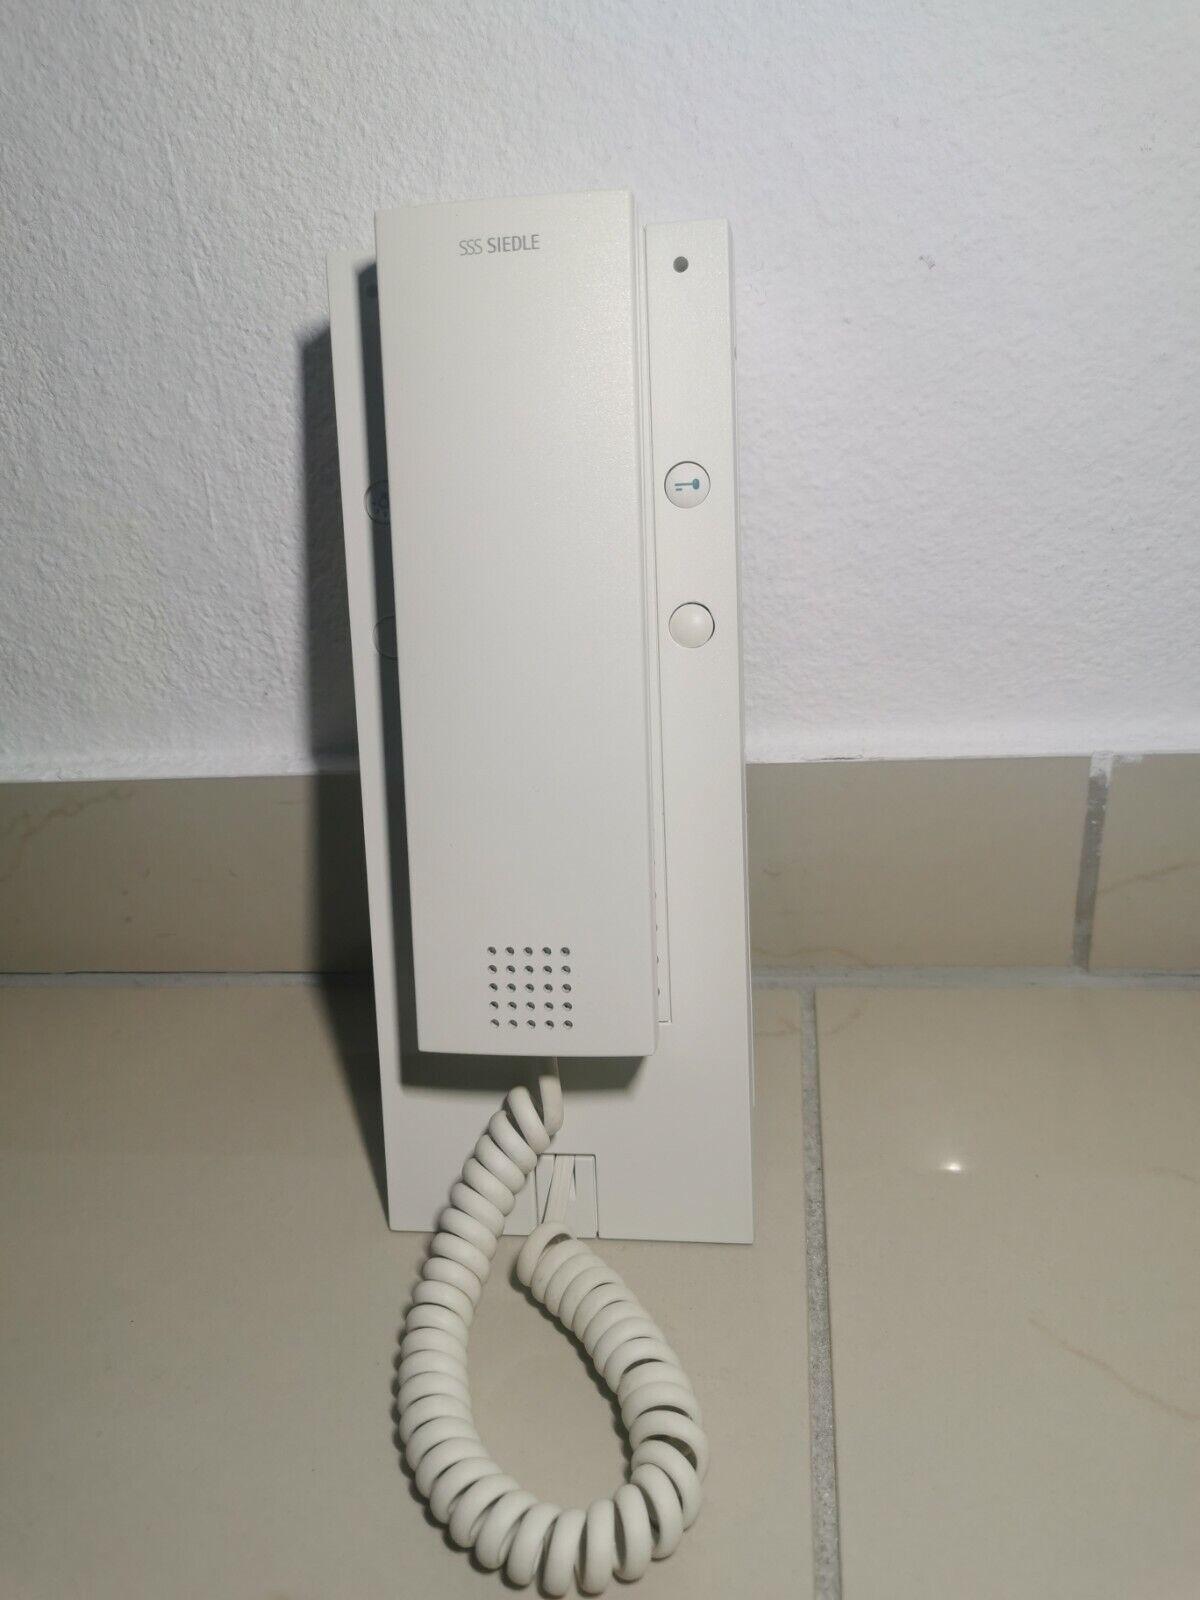 HTS 711-0S Schnur  Ersatz-Hörerkabel-Hörerschnur für HT 711-0 SIEDLE